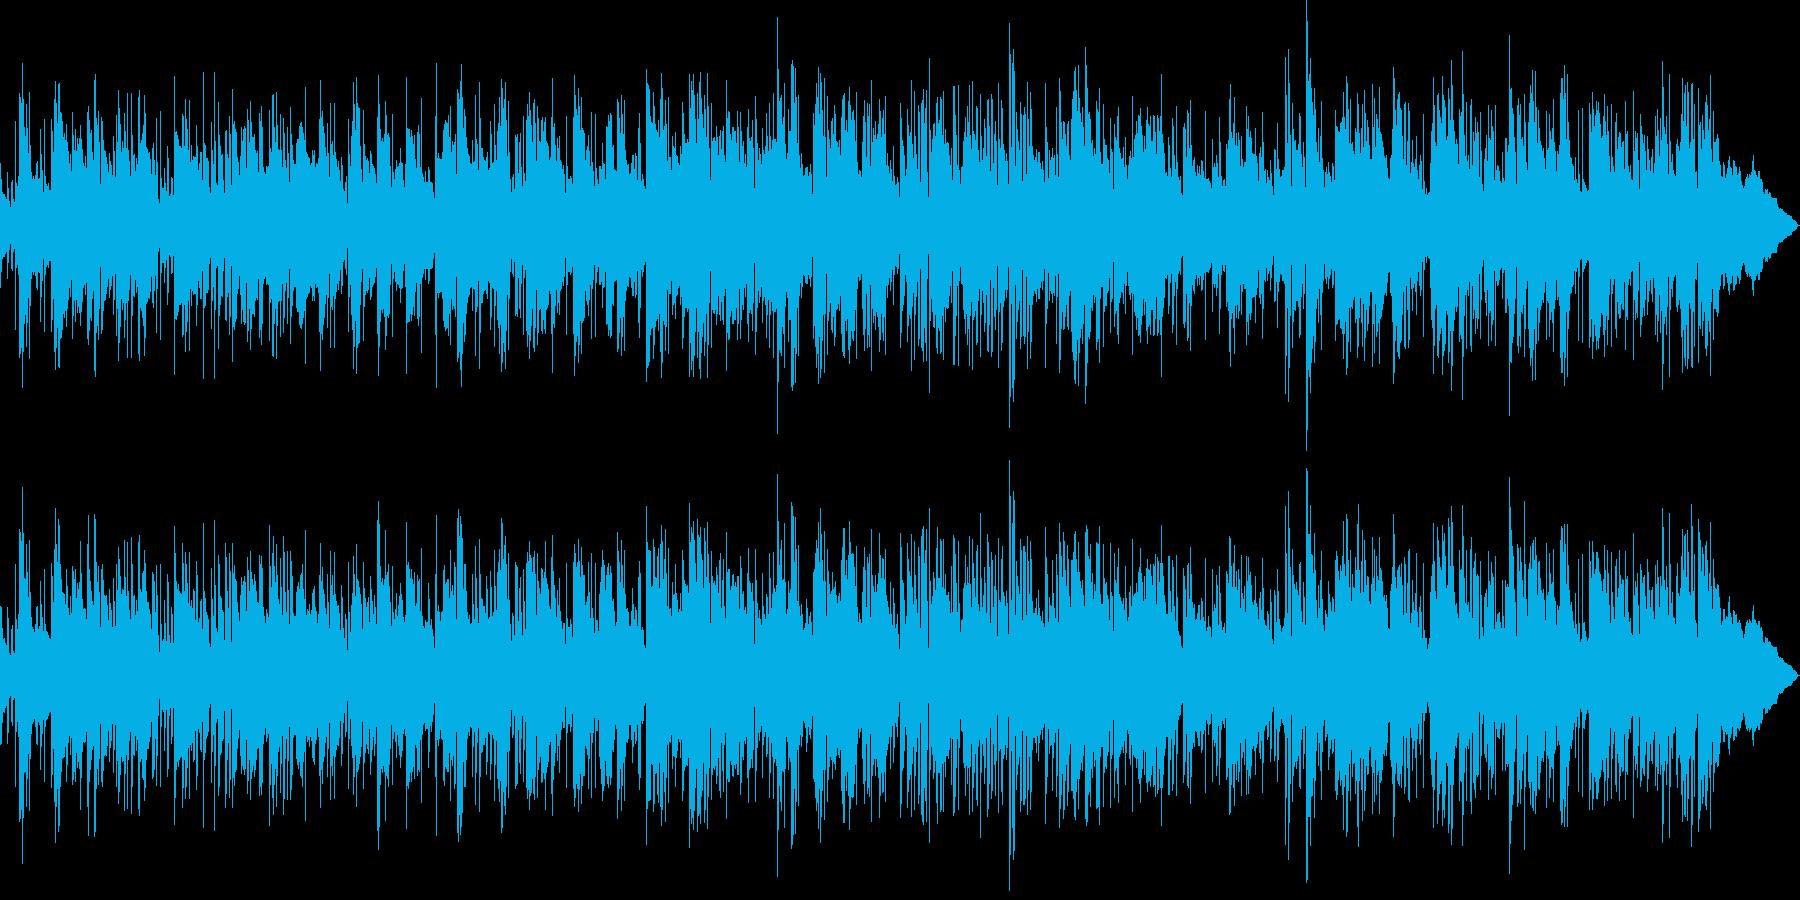 優しい感じのBGMの再生済みの波形